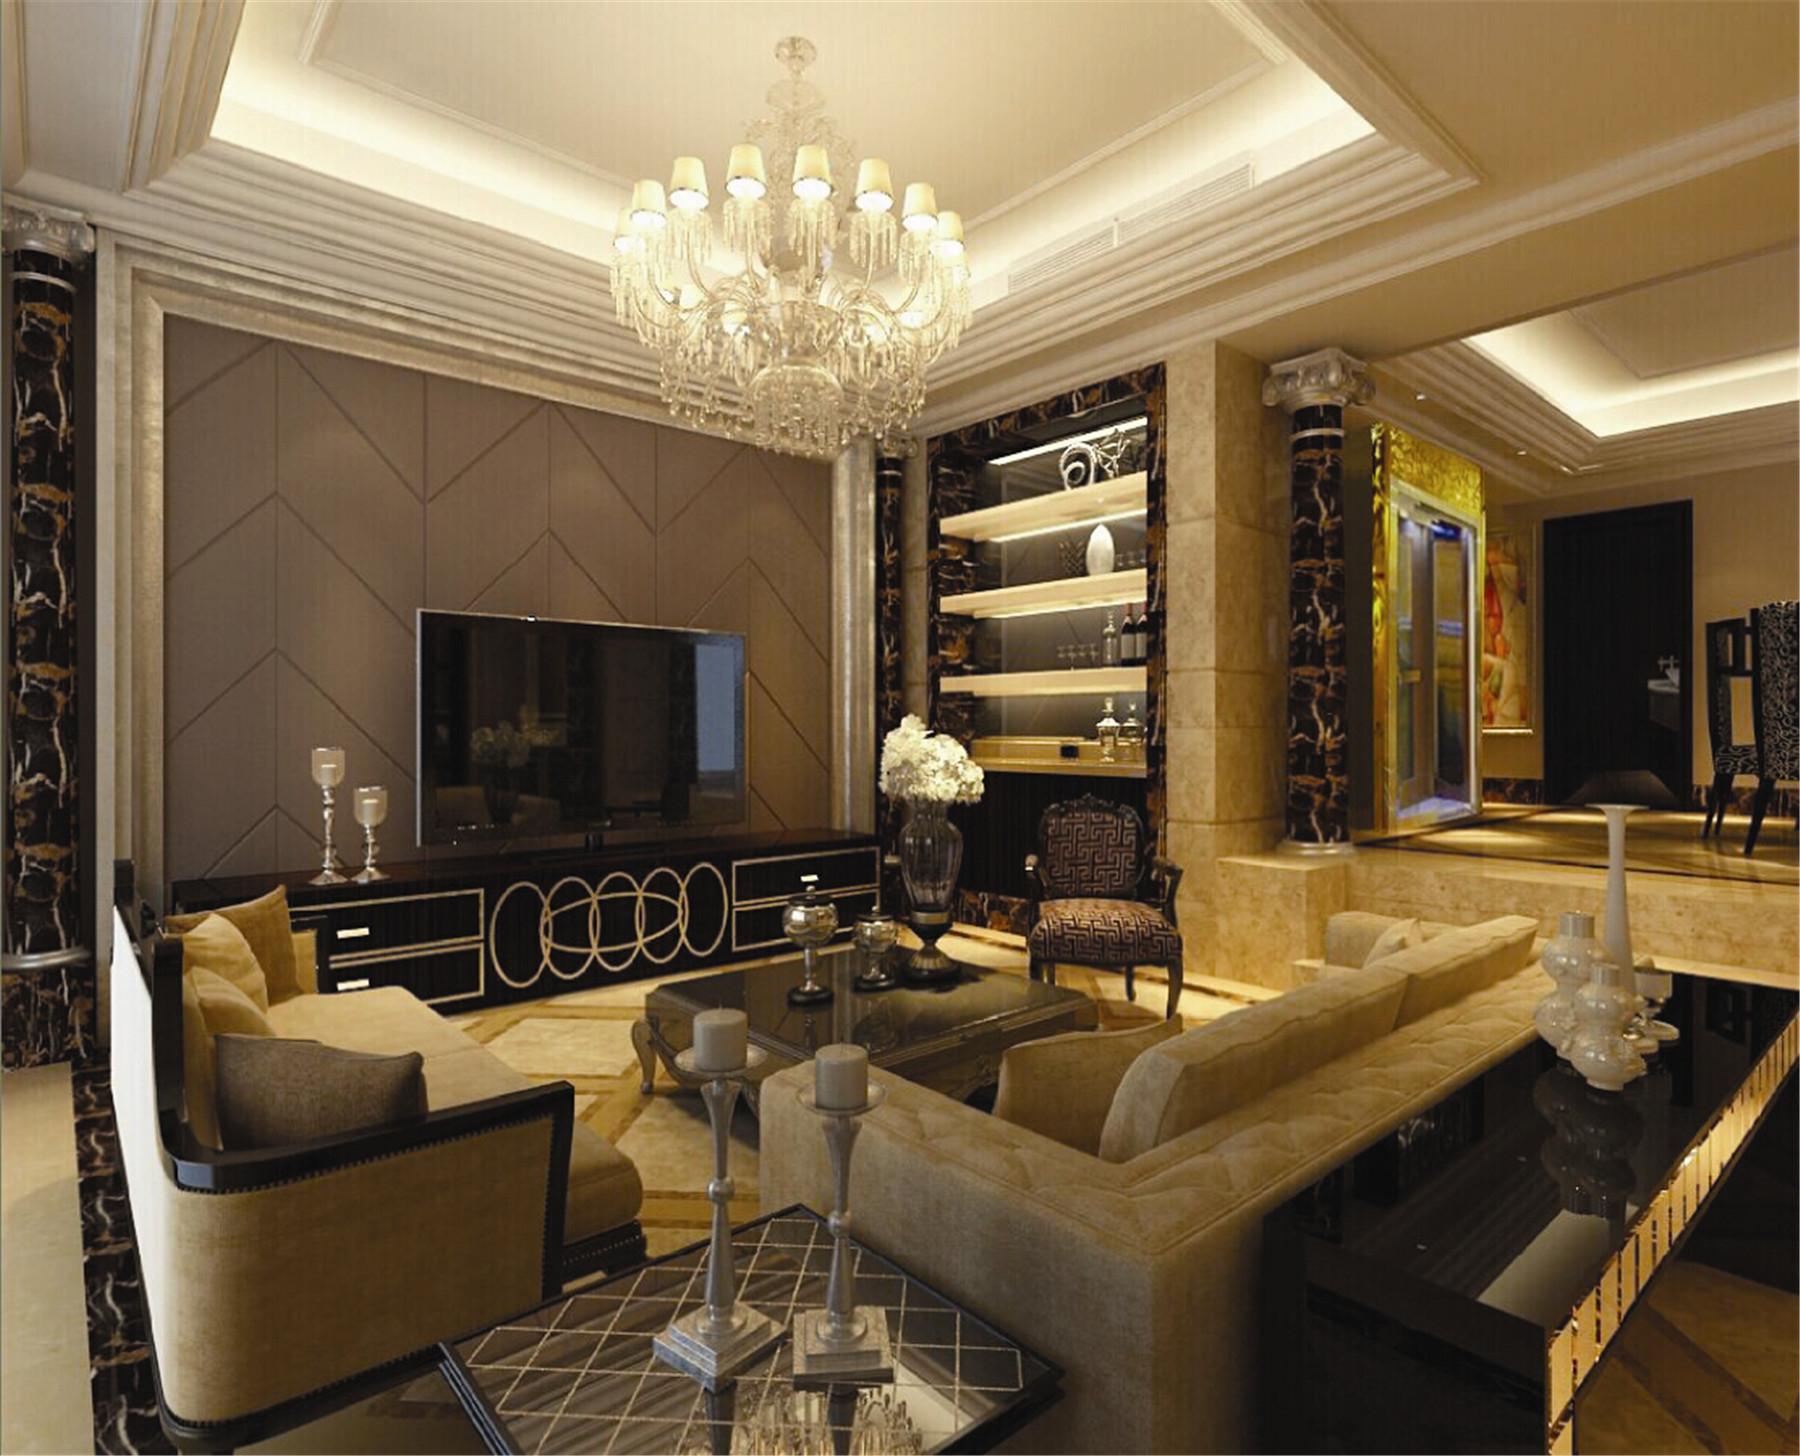 皇都花园 别墅装修 别墅设计 欧式古典 腾龙设计 客厅图片来自腾龙设计在皇都花园别墅装修欧式风格设计的分享